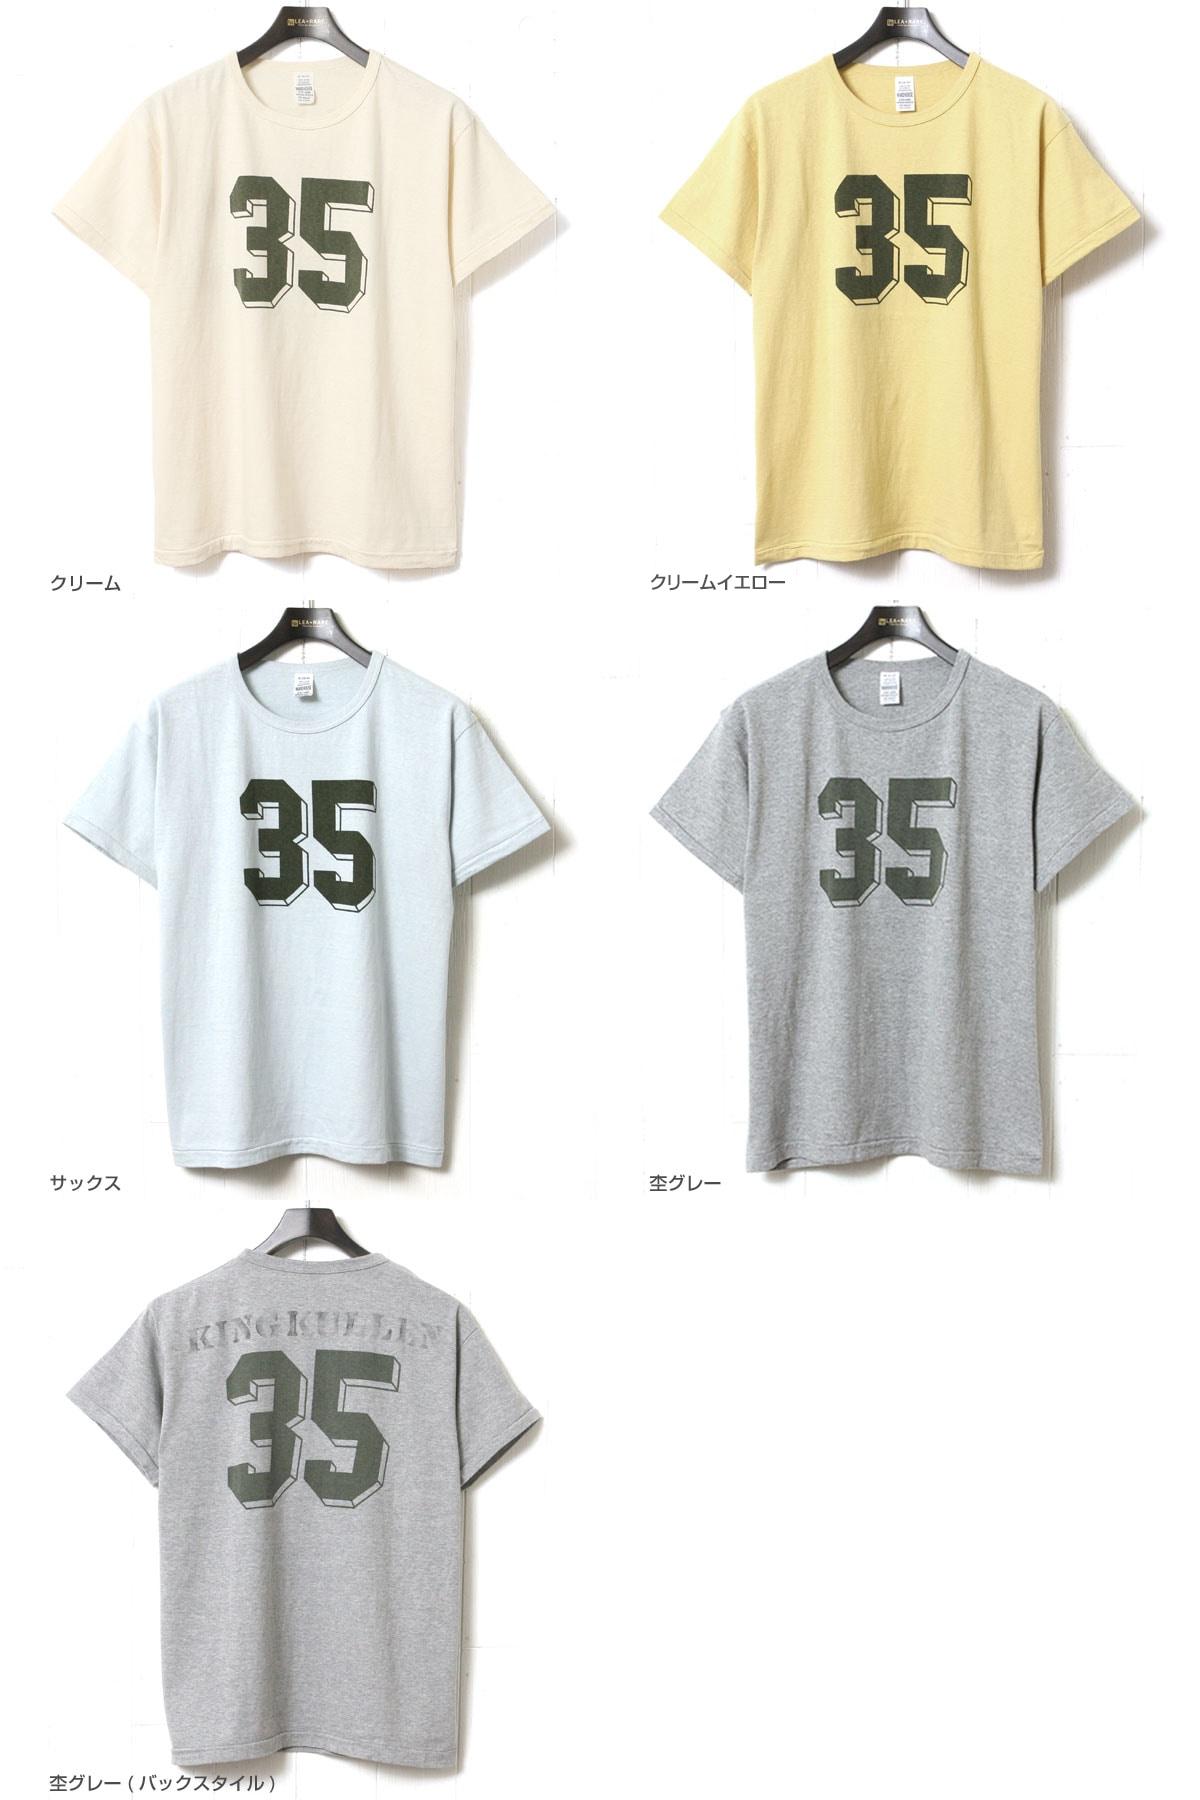 ウエアハウス WAREHOUSE 2nd hand Series プリントTシャツ 4064 [NO.35]